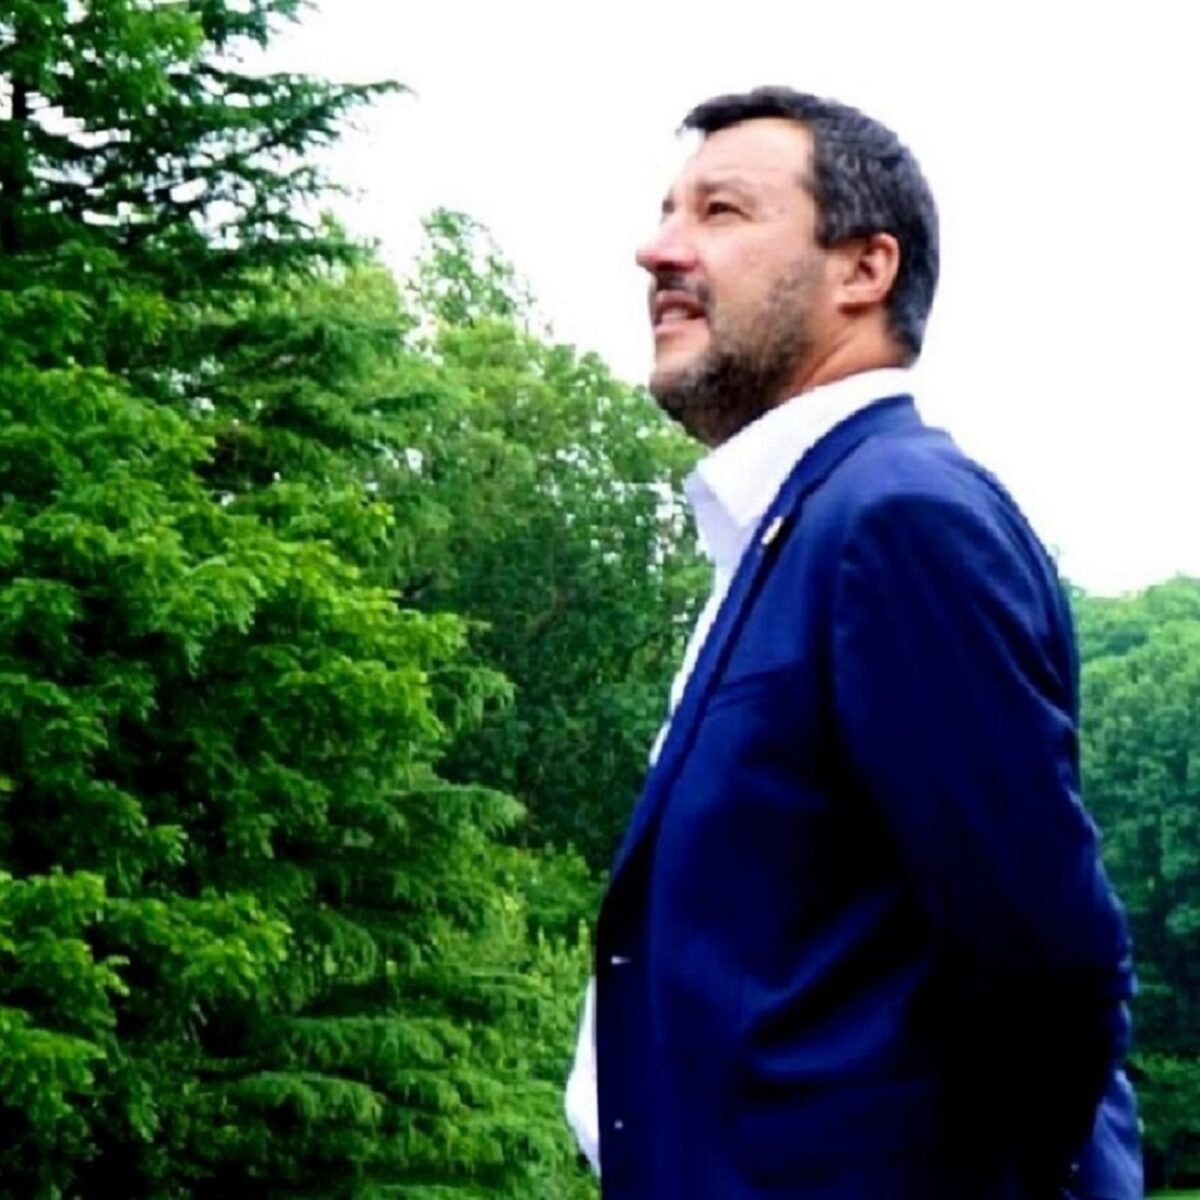 Salvini assolto per il caso Gregoretti